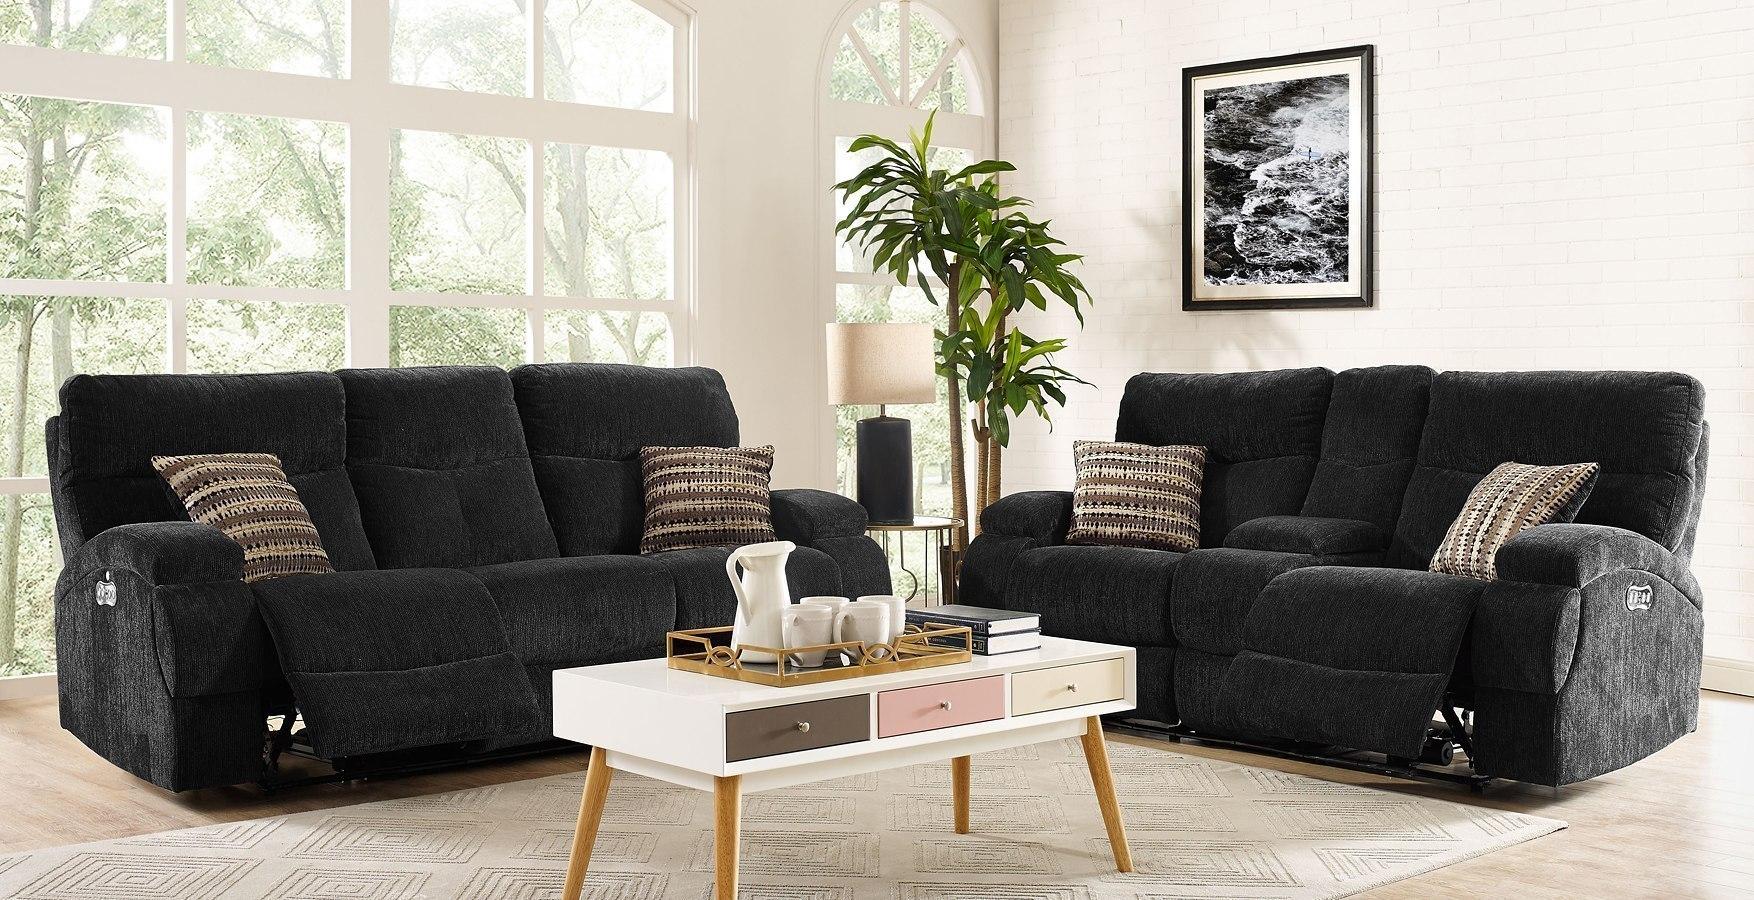 Full Living Room Sets